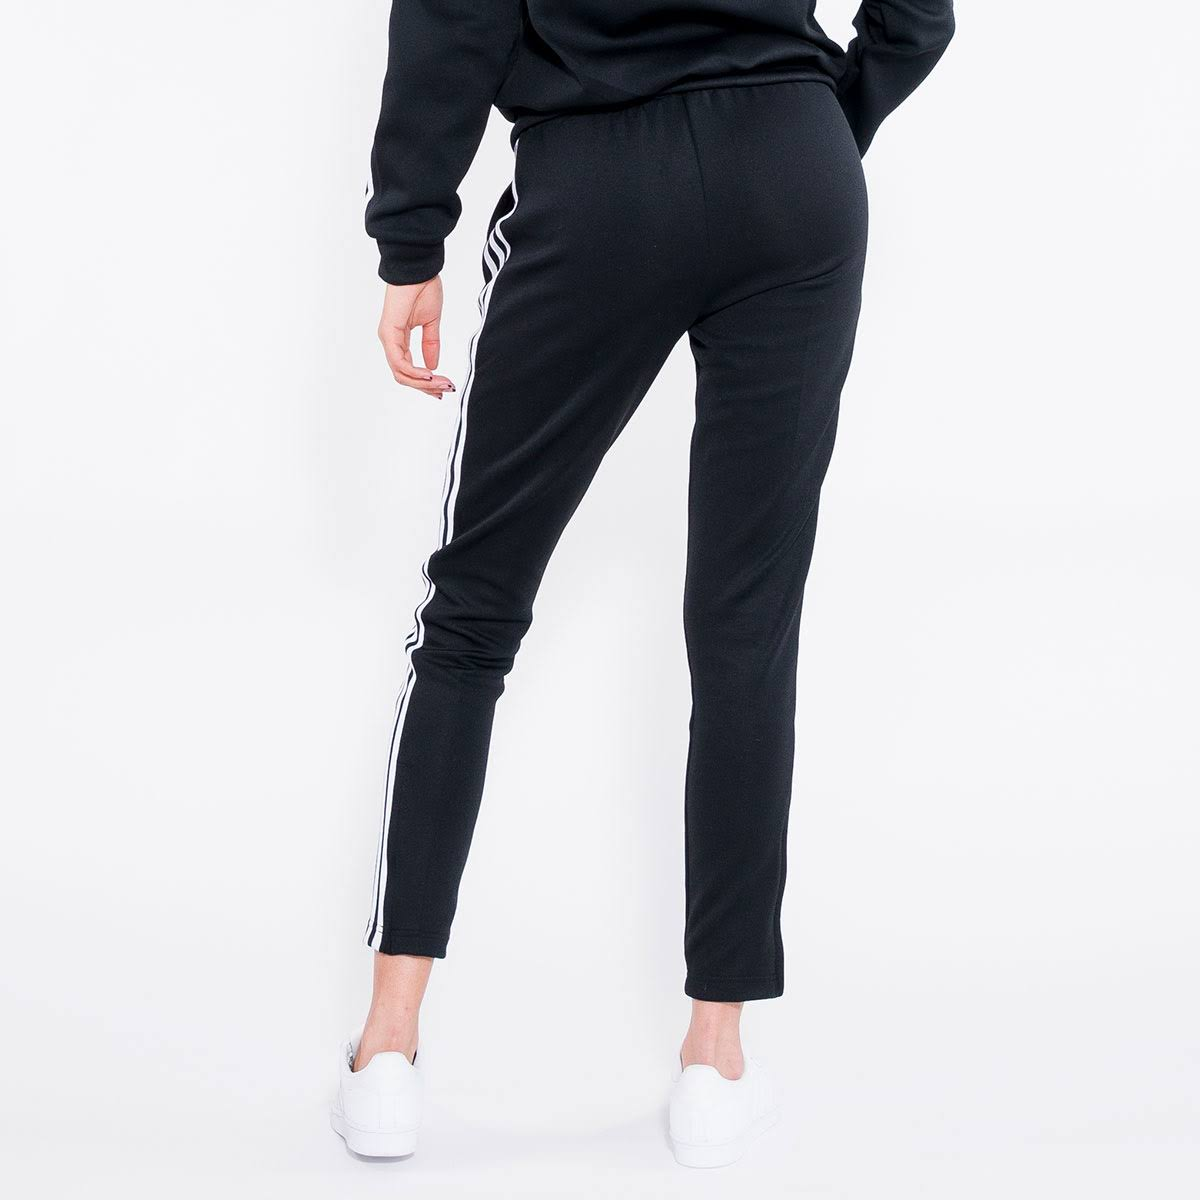 Adidas Chándal De Ce2400 Nosotros Estilo Tamaño Xl Pantalones Para Superstar 7tpqw